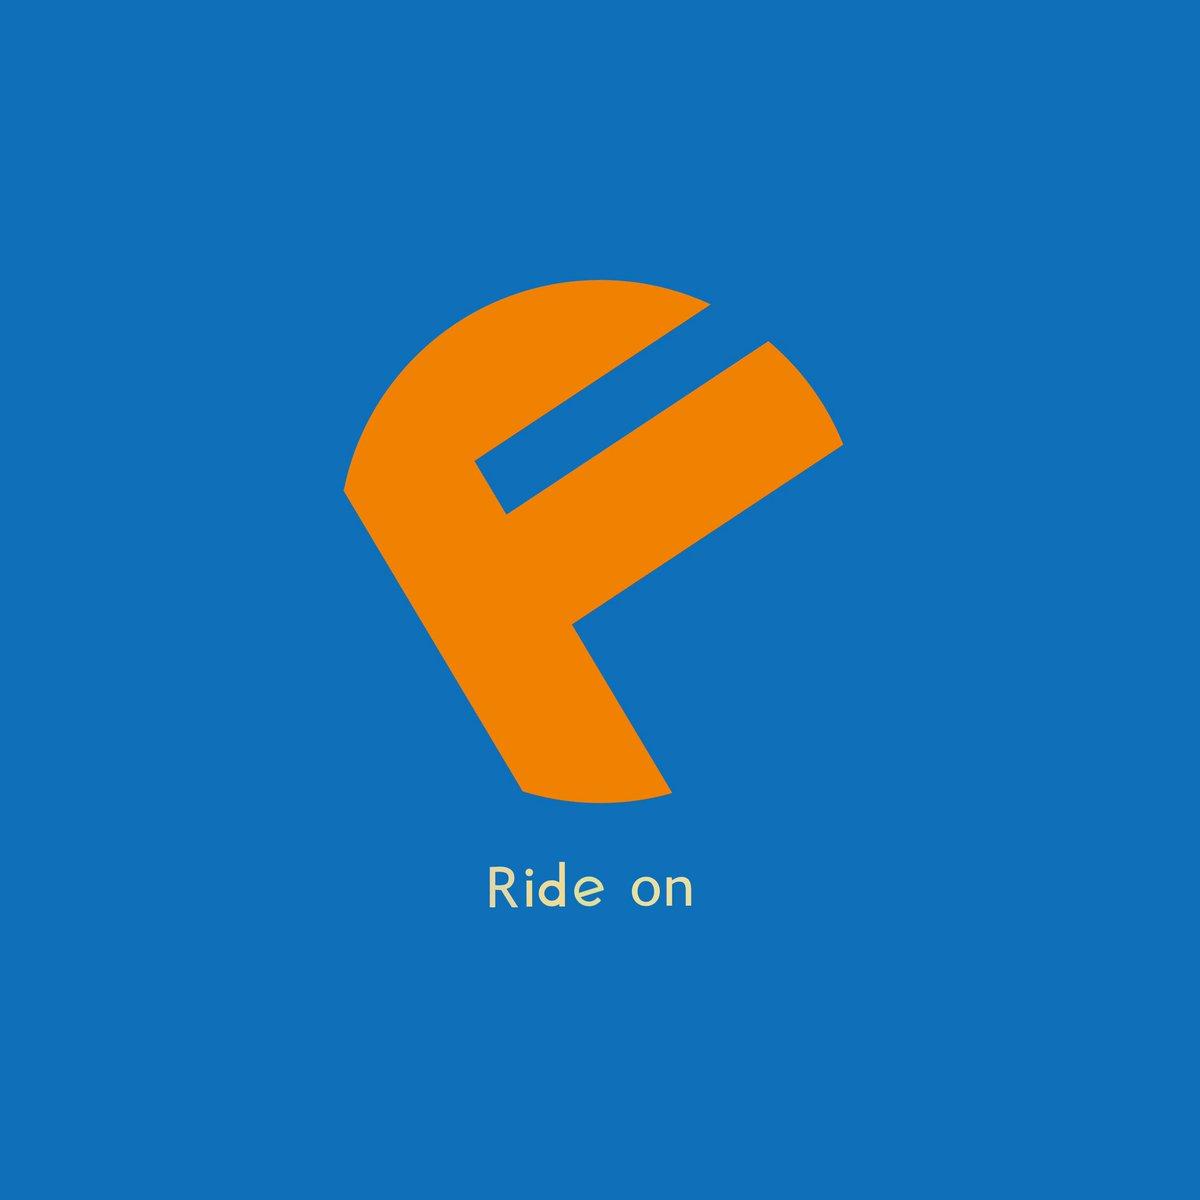 【New Release‼︎📢🎉】只今午前0時より、2nd Digital Single『Ride on』ストリーミングサービス各種にて配信開始!!💿📡各サービスのリンクはコチラ🔻🔻🔻🔻🔻🔻🔻🔻🔻🔻🔻🔻iTunesApple MusicSpotify